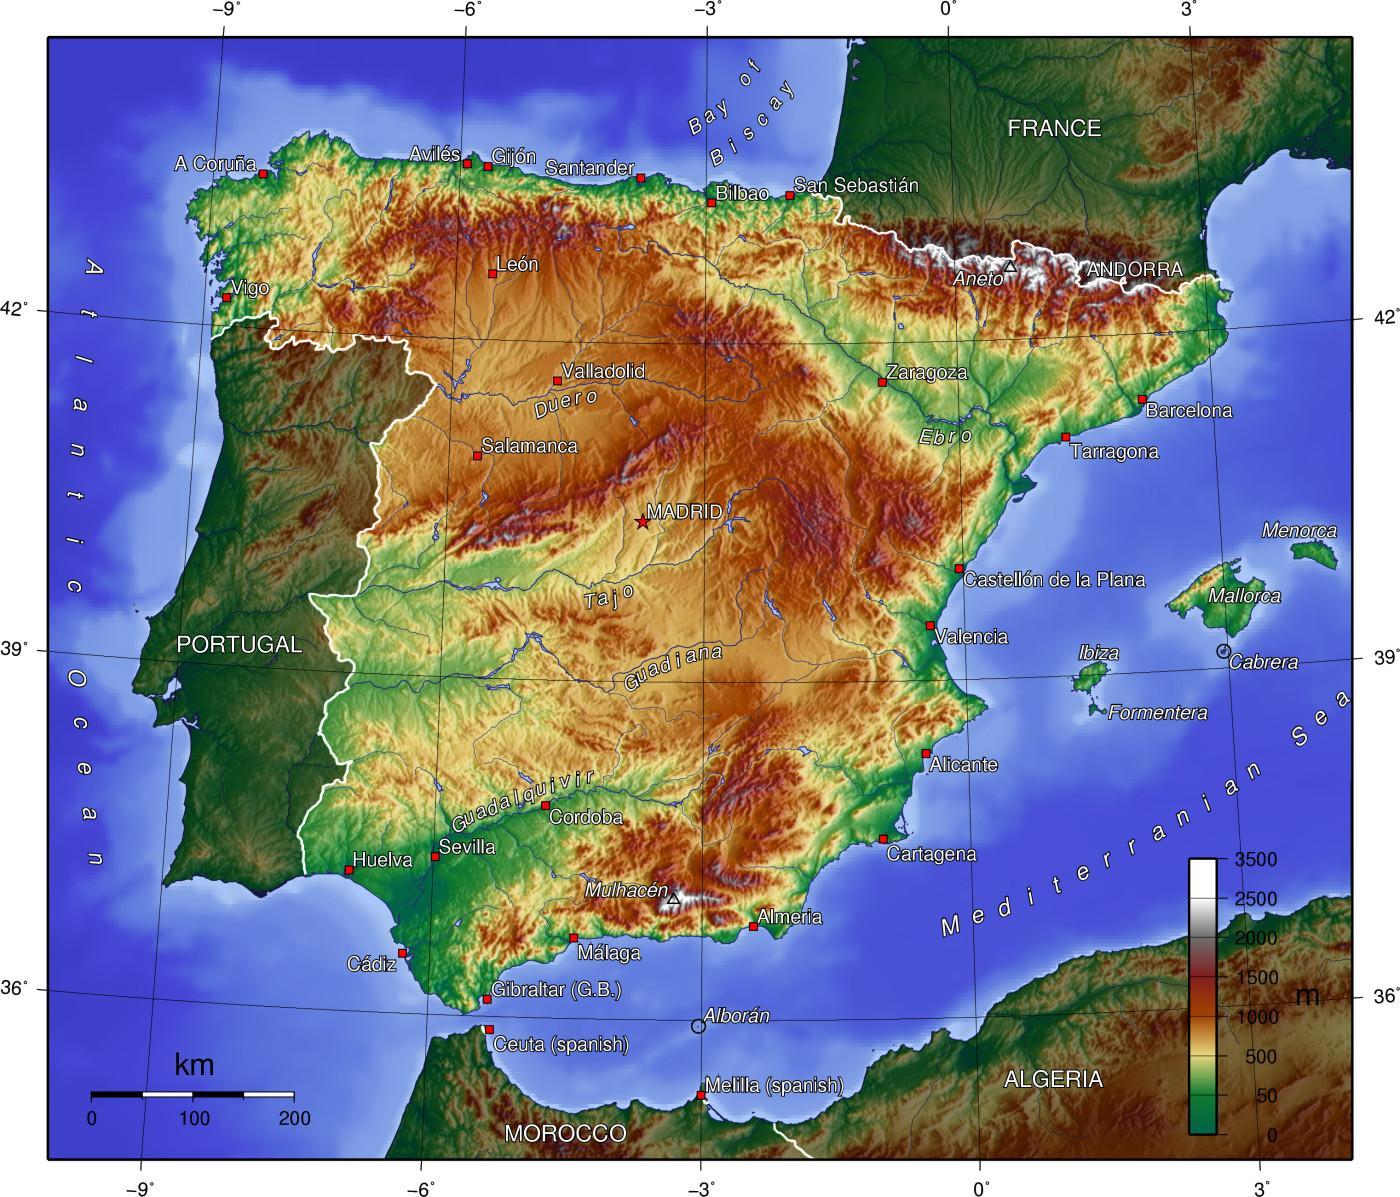 spanyolország domborzati térkép Spanyolország domborzati térkép   Térkép Spanyolország terep (Dél  spanyolország domborzati térkép